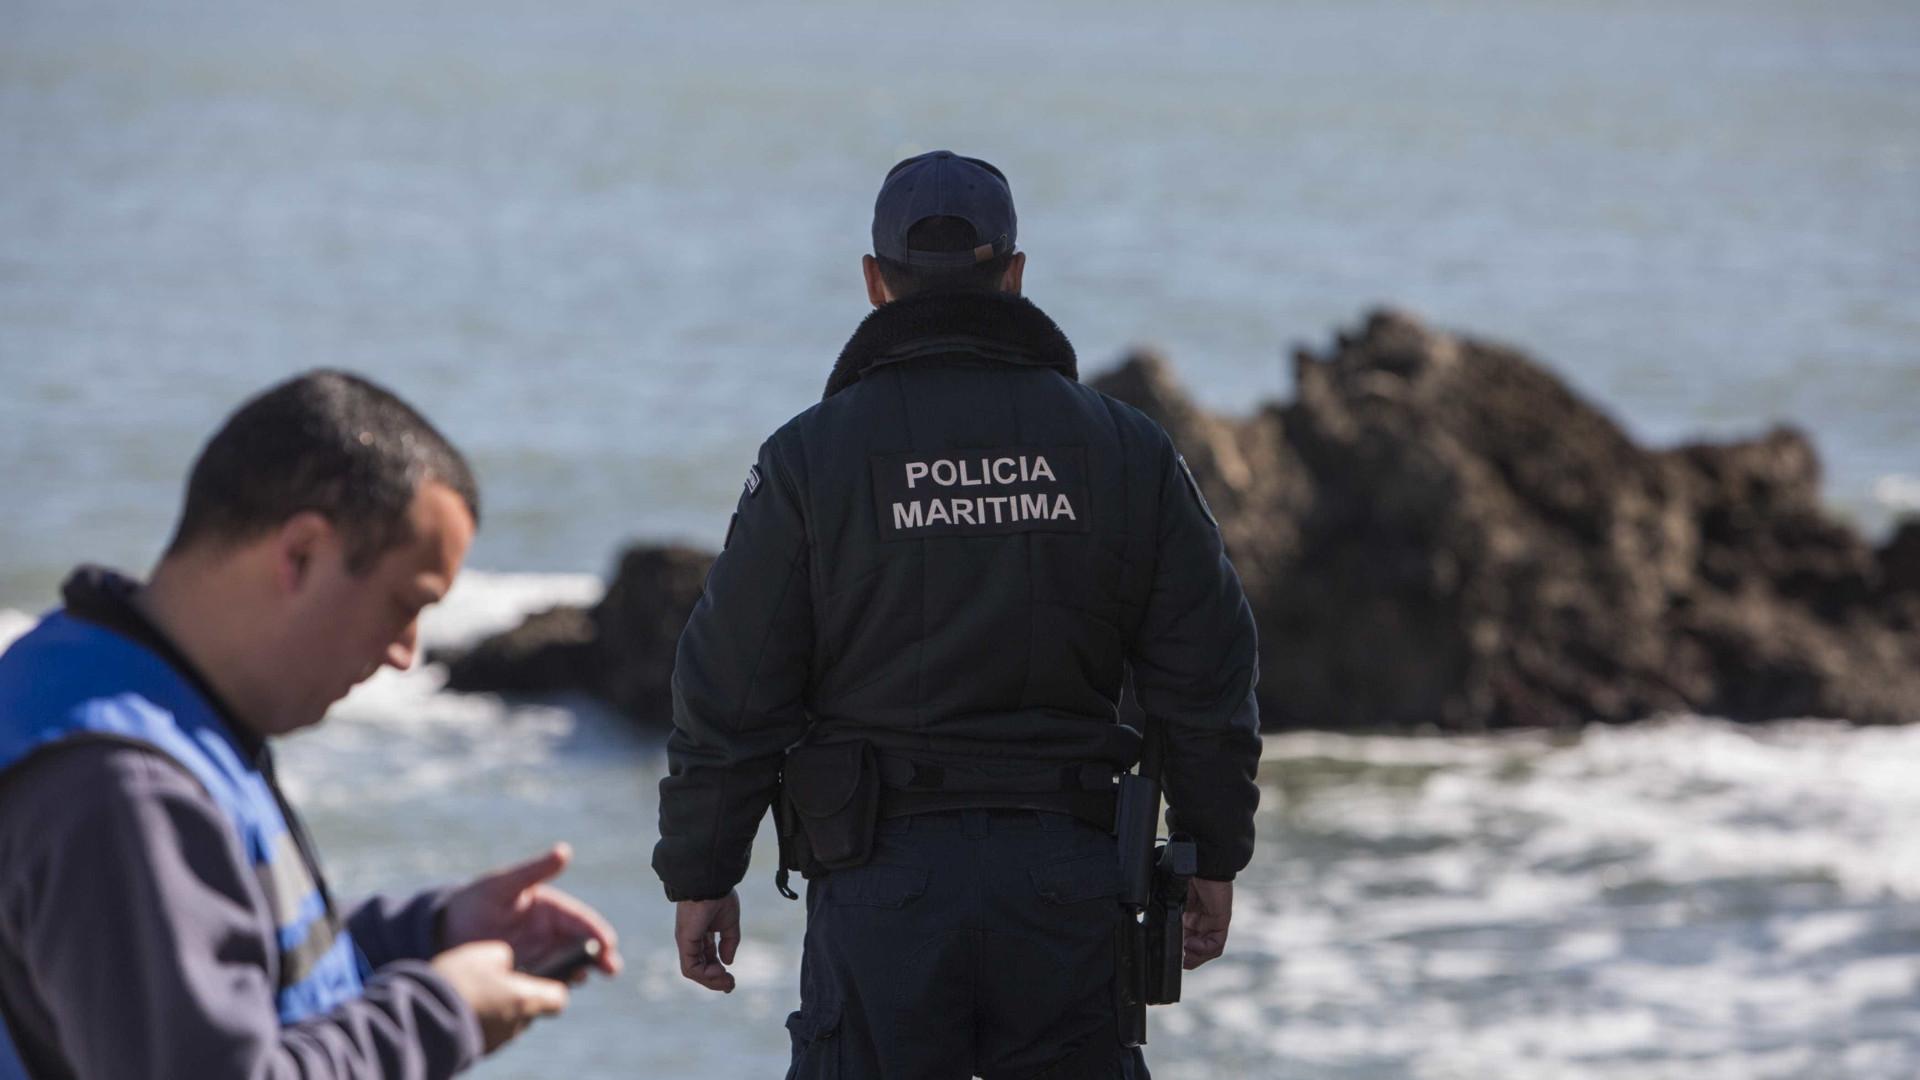 Polícia Marítima recupera embarcações furtadas em Olhão